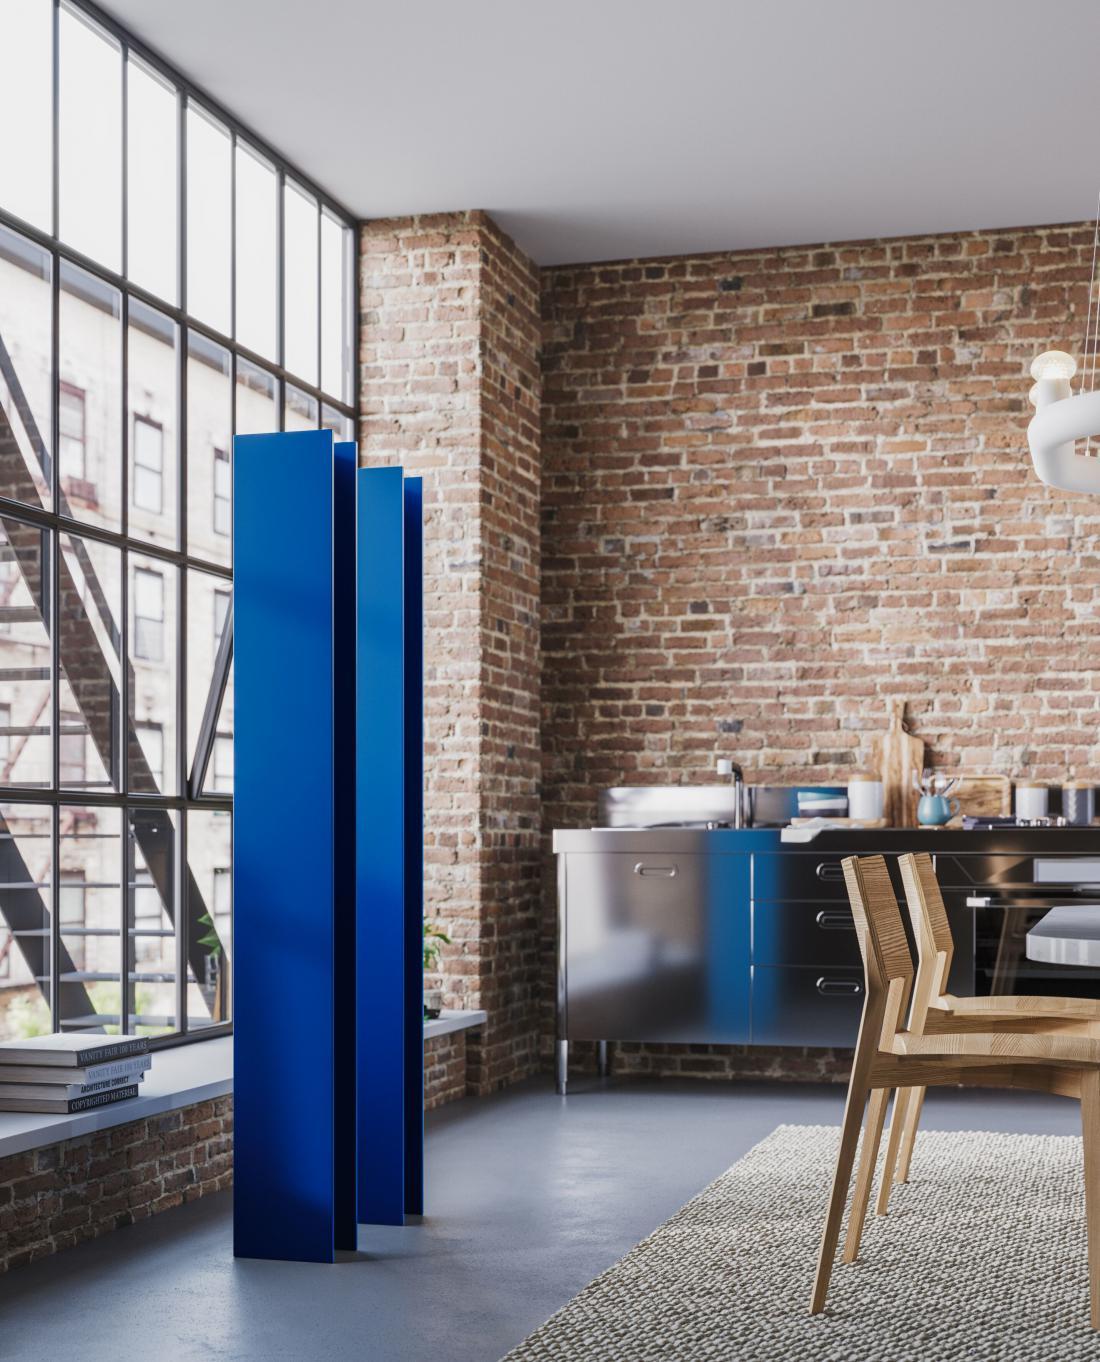 Podjetje Antrax je takoj po razglasitvi barve leta 2020 sporočilo, da je T tower (oblikovanje Matteo Thun) mogoče naročiti tudi v klasično modri. FOTO: Antrax